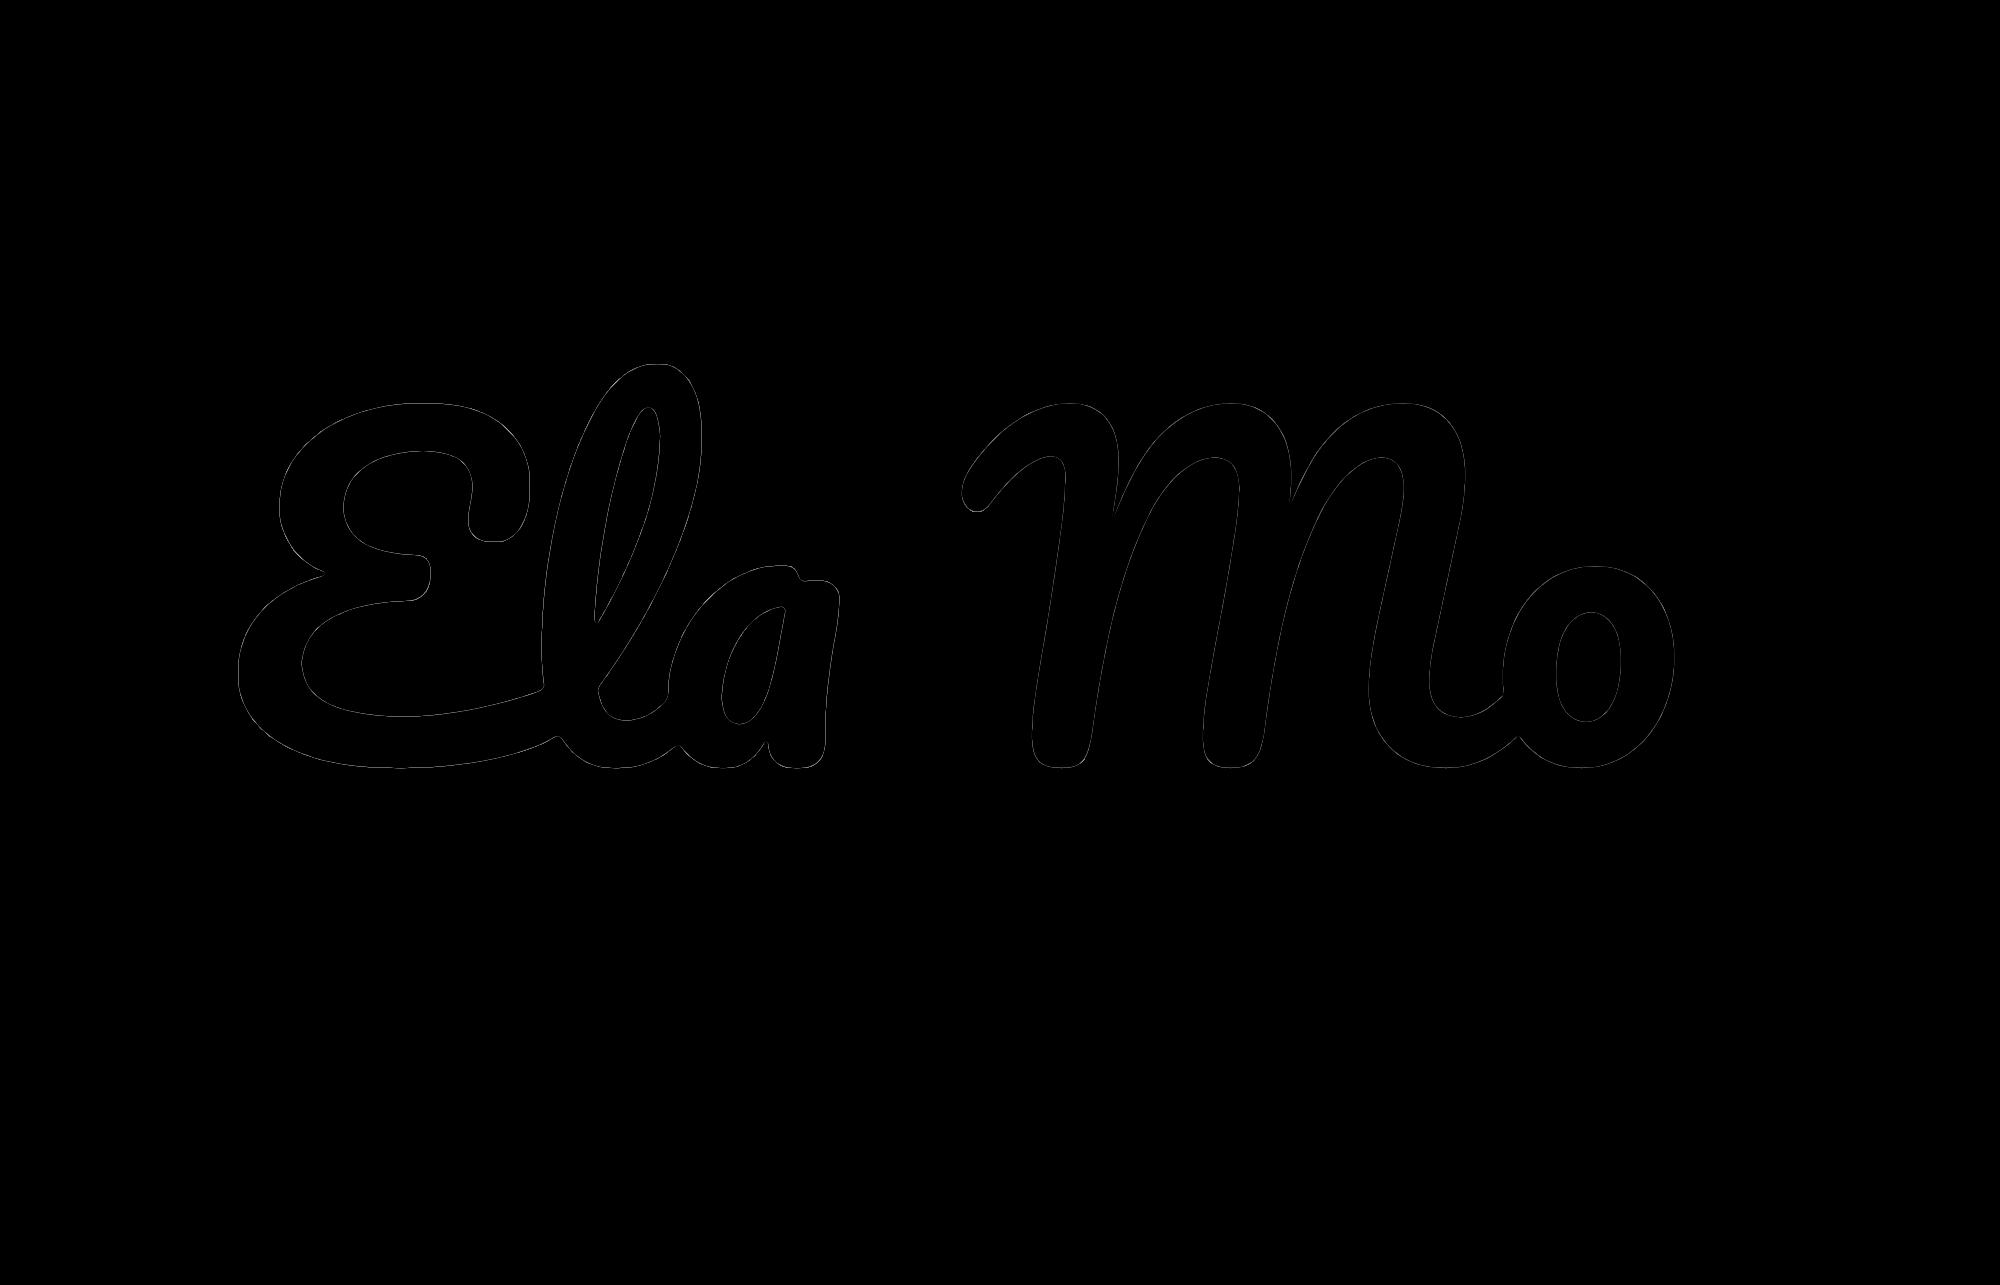 Vielen Dank Fur Ihren Einkauf Ela Mo Bezahlung In 2020 Schicke Taschen Halte Durch Rolltop Rucksack